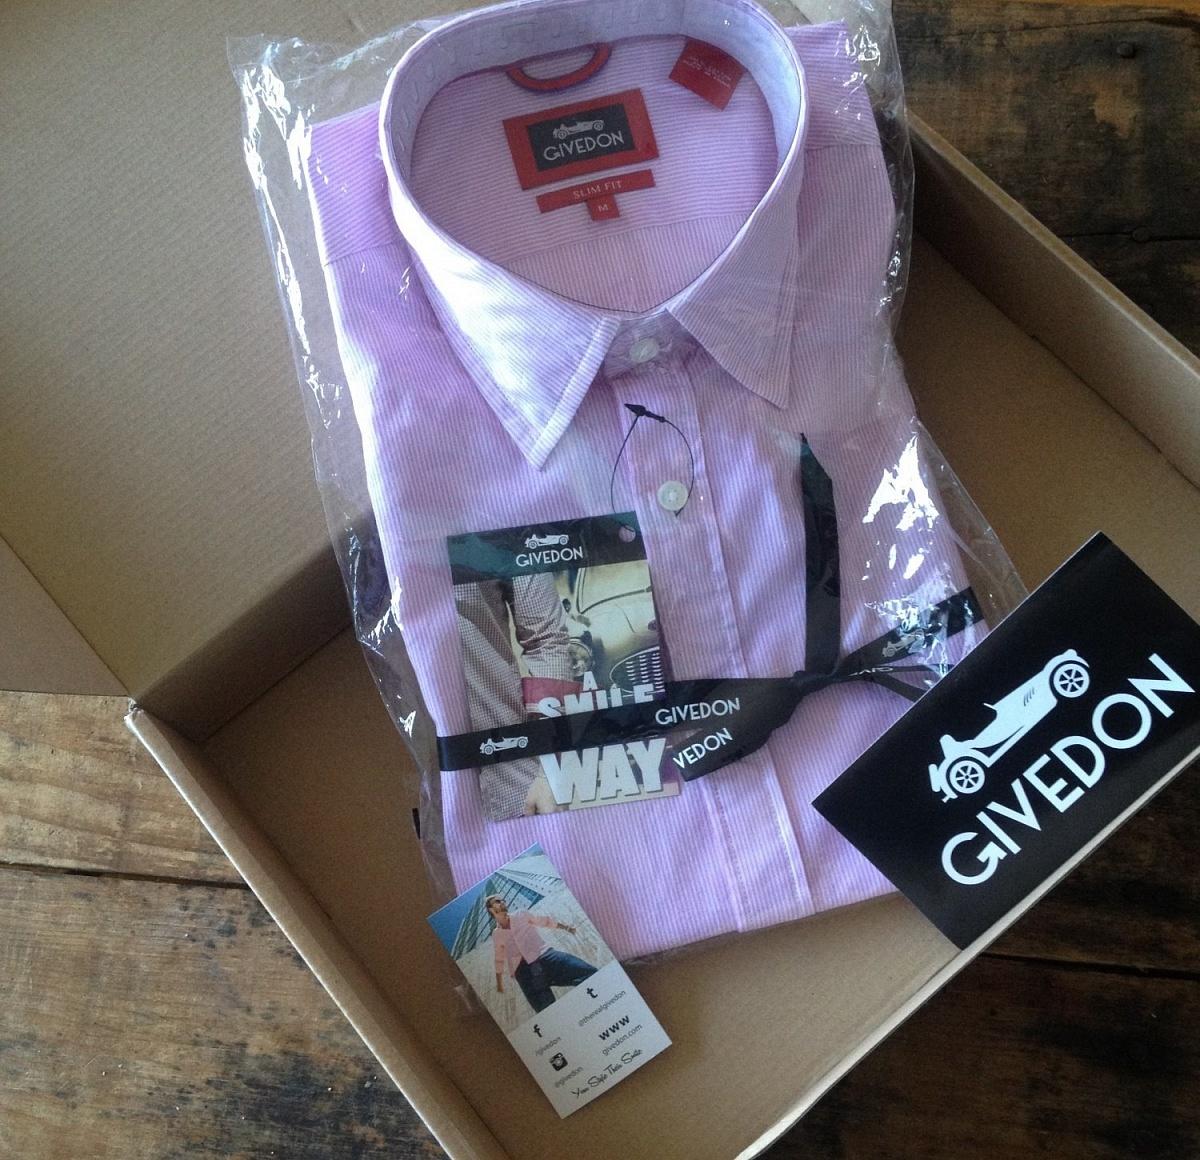 Givedon Box